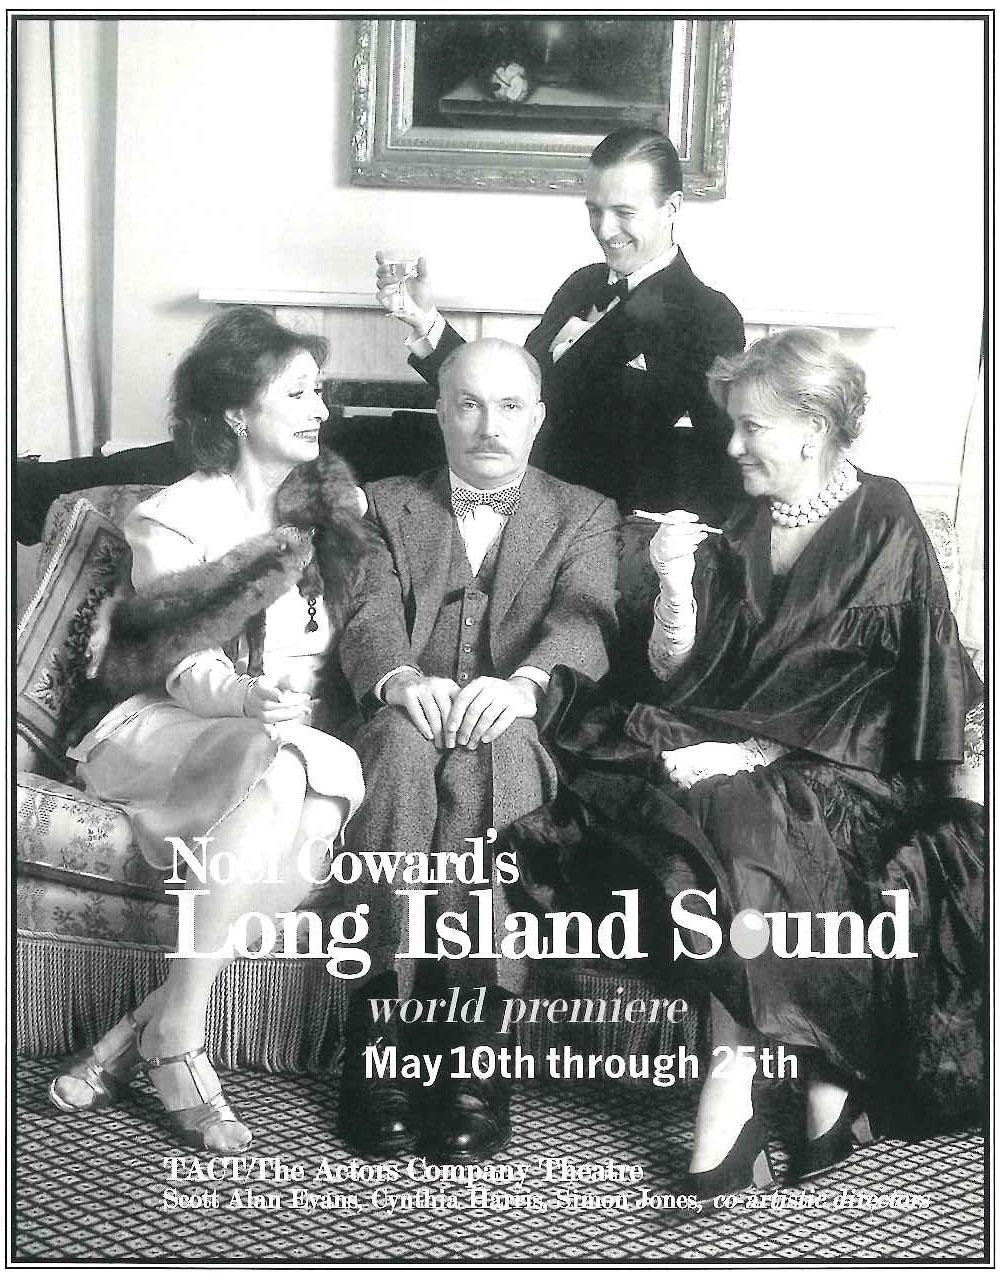 Long-Island-Sound-Program-cover